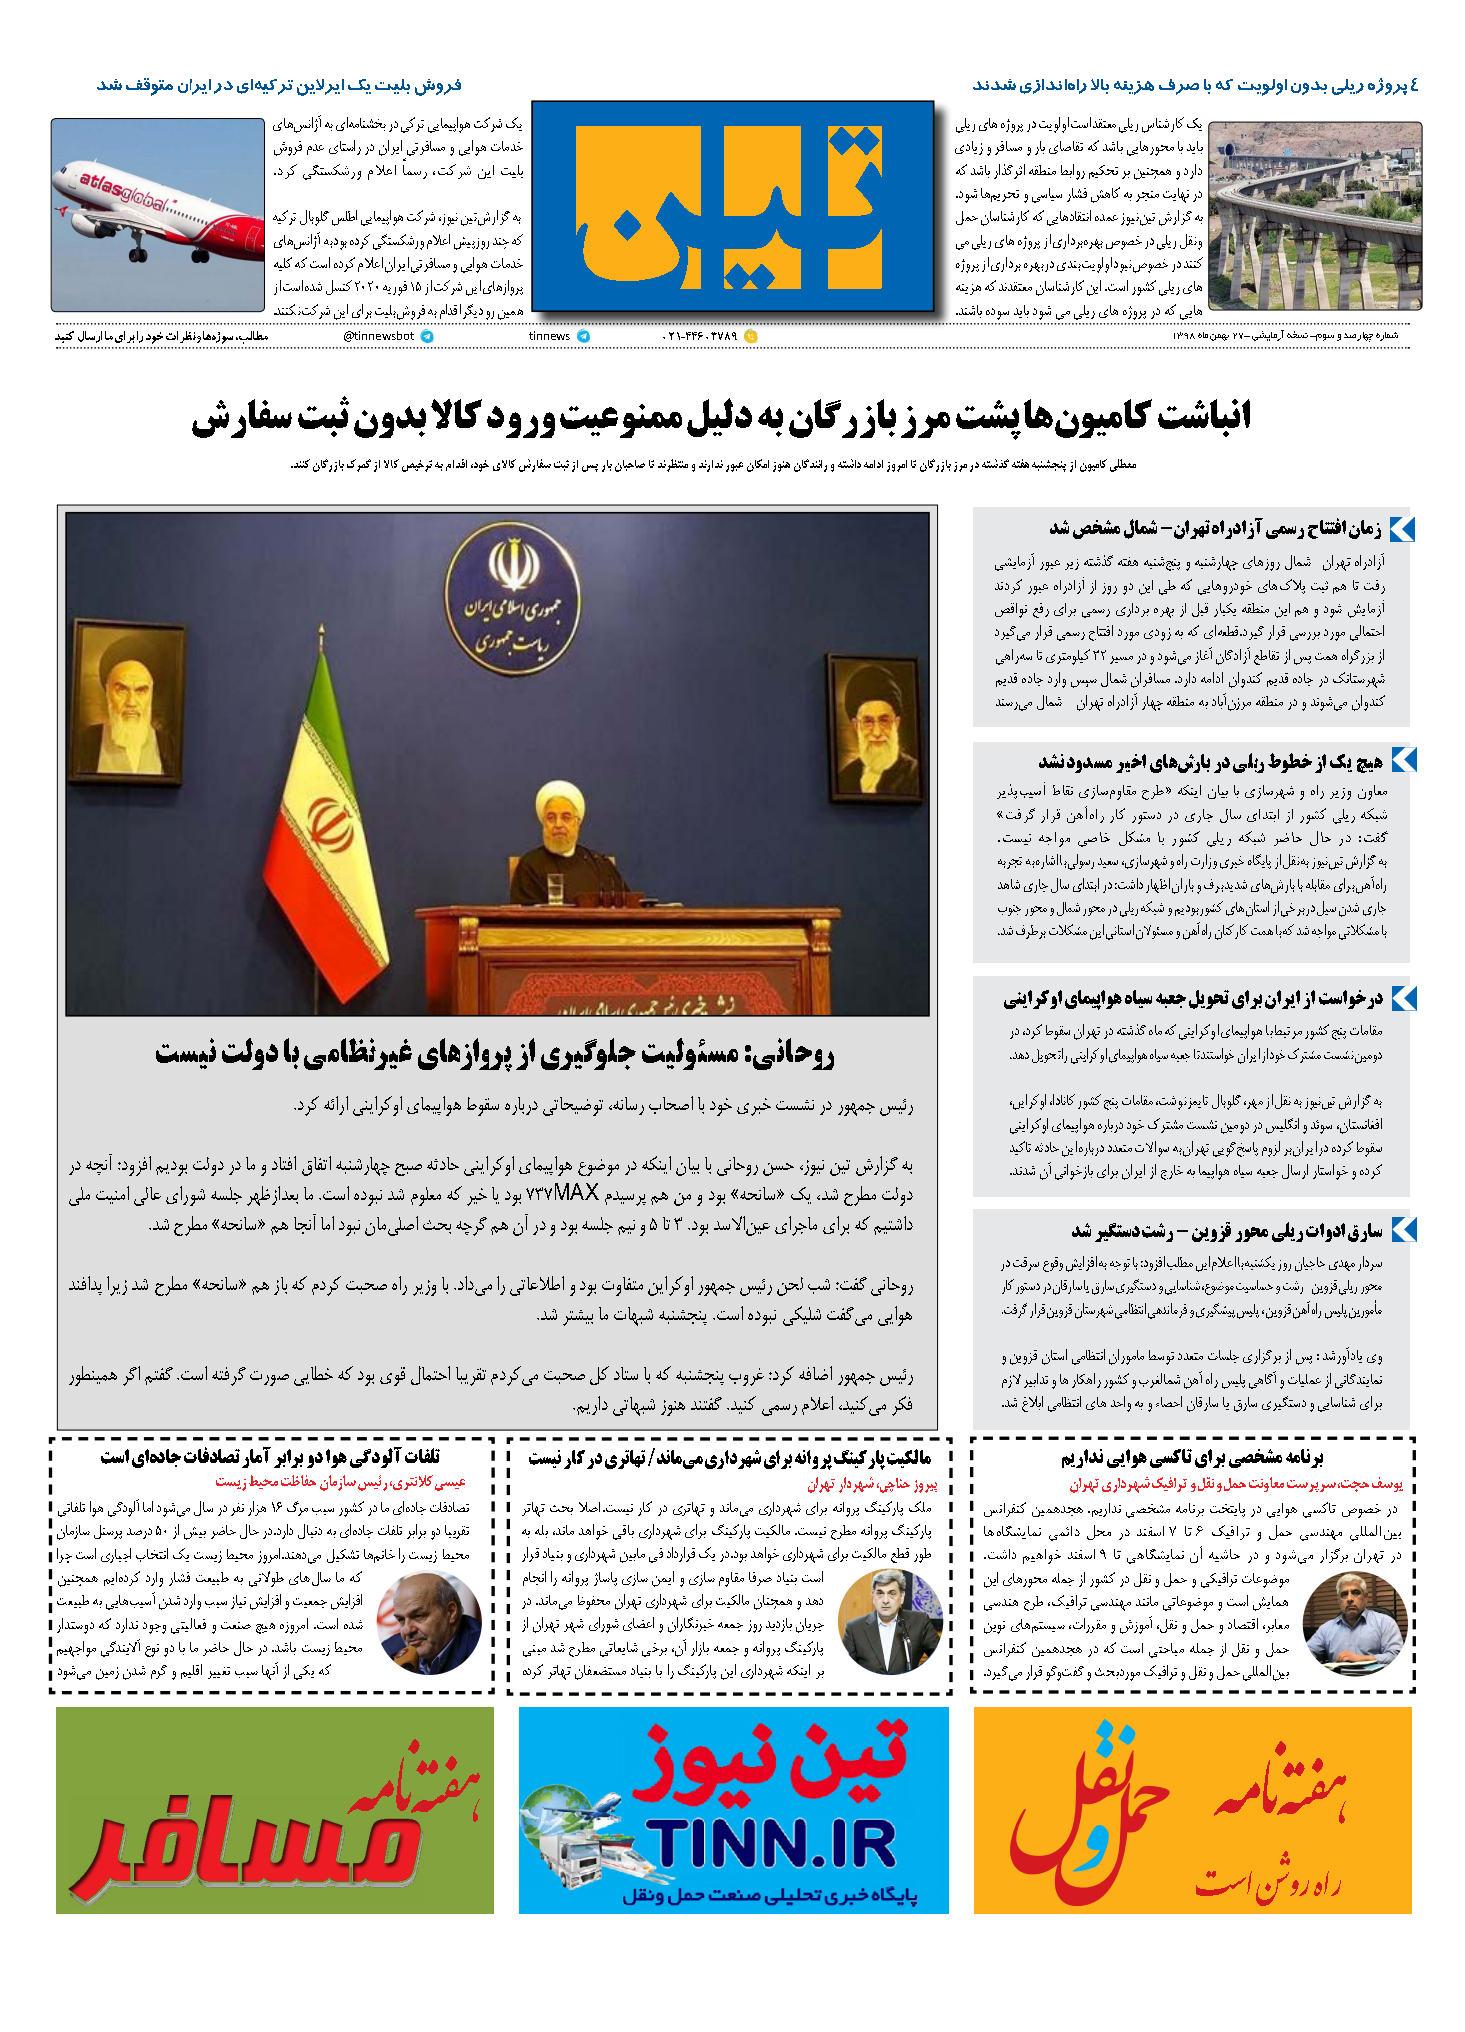 روزنامه الکترونیک 27 بهمن ماه 98